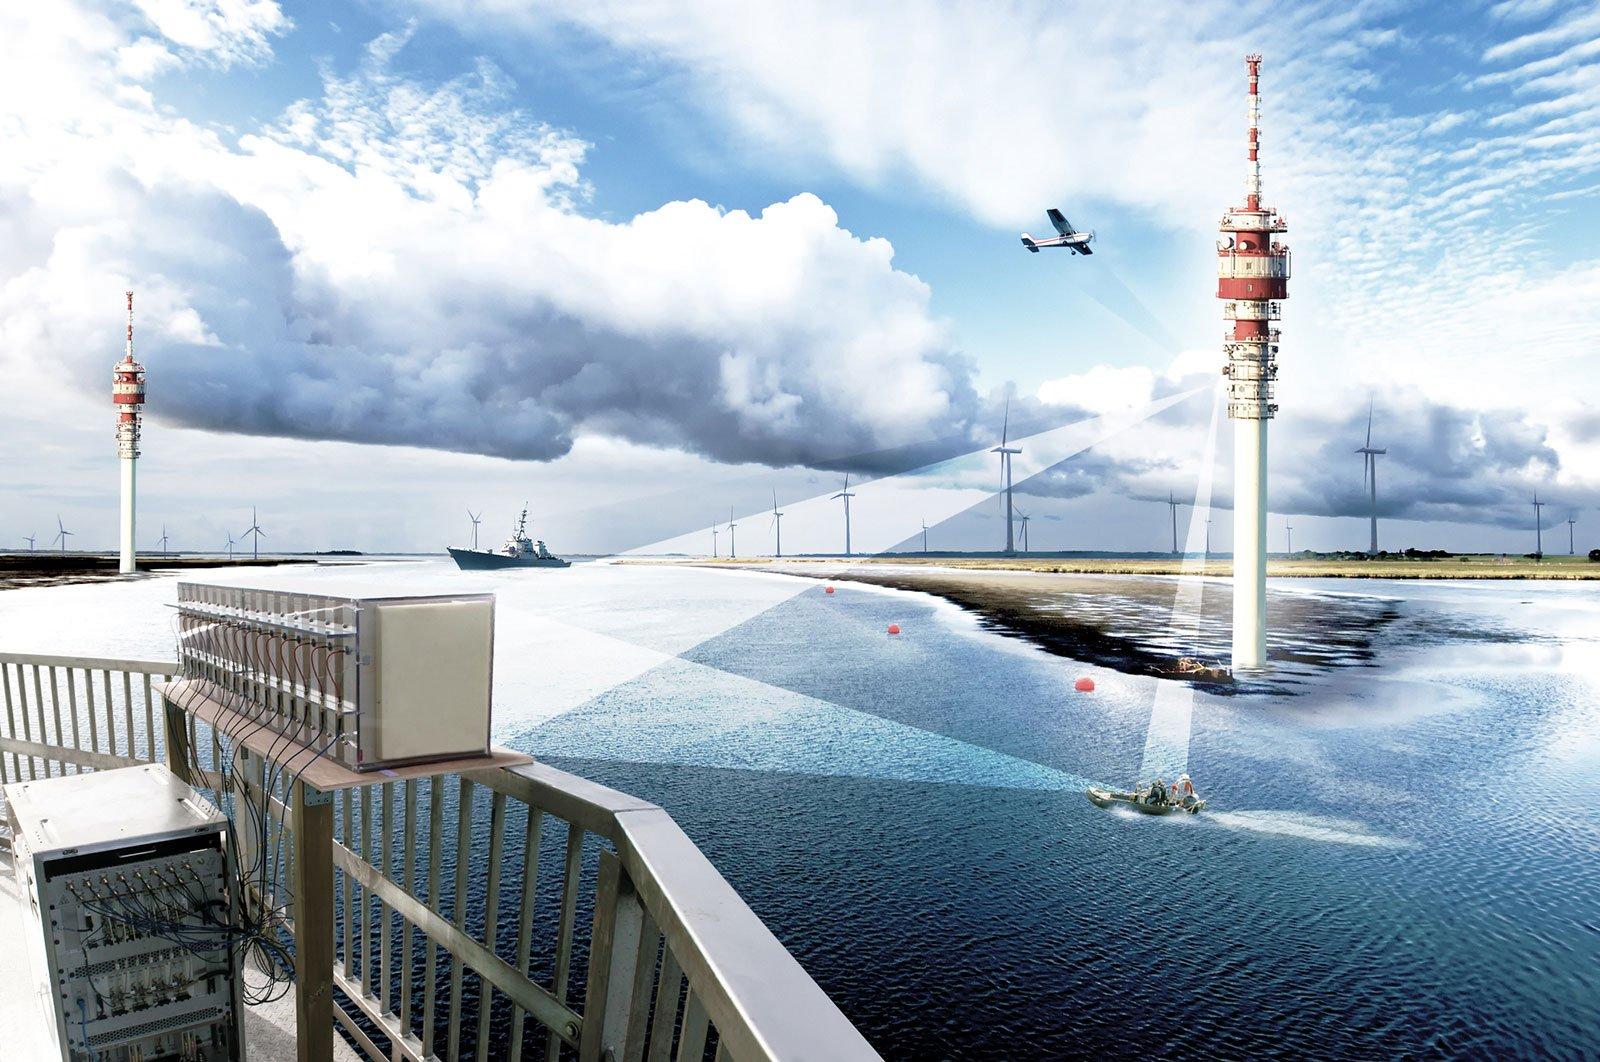 Fraunhofer-Forscher aus Bonn haben ein System entwickelt, das Mobilfunksignale entlang der Küsten nutzt, um beispielsweise Piratenboote frühzeitig zu erkennen.